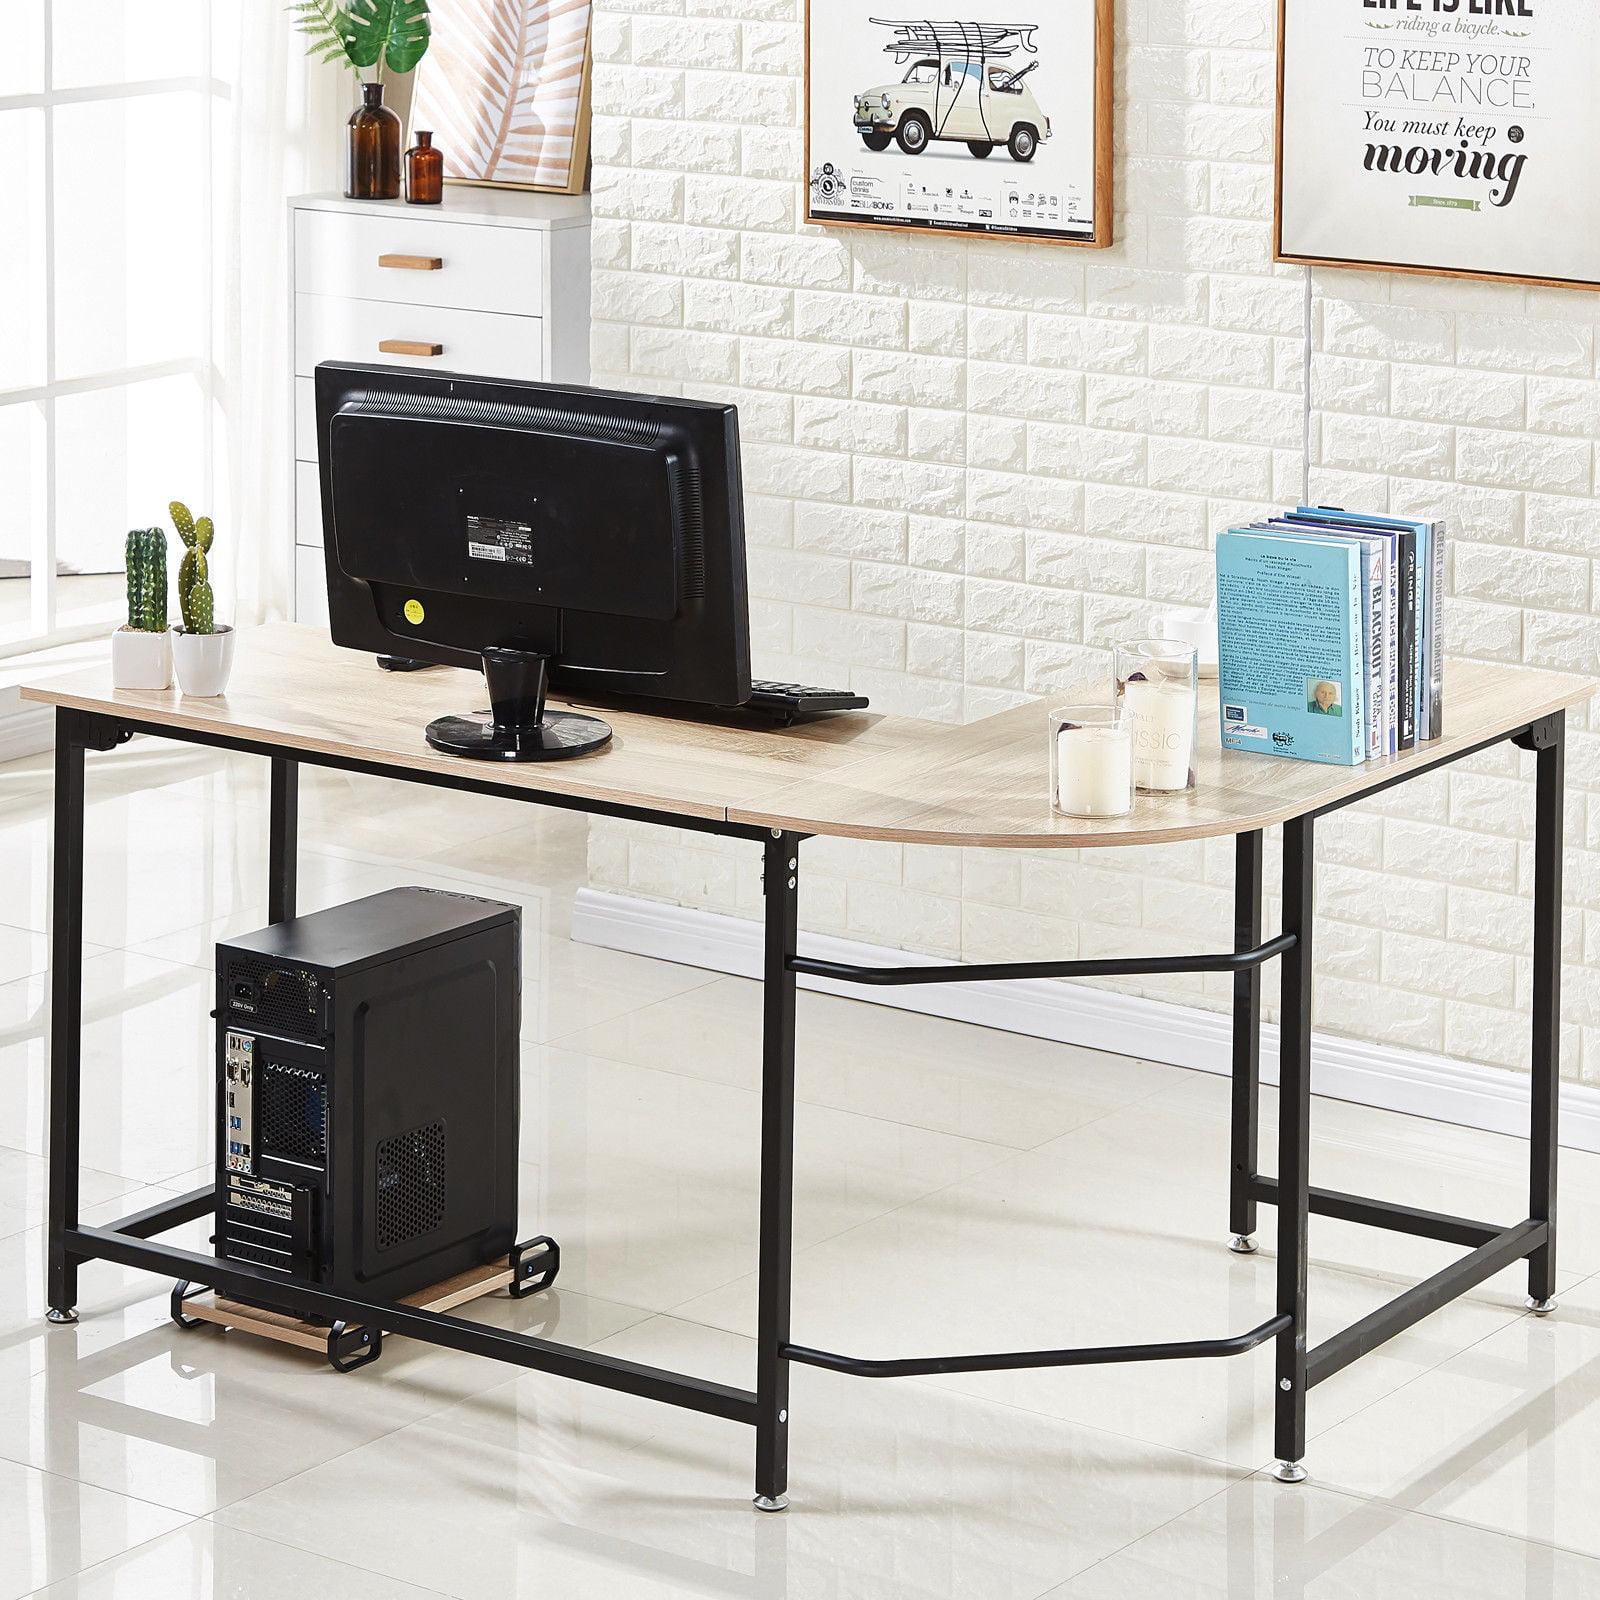 Superb L Shaped Corner Computer Desk Workstation Home Office Wood Metal Large Size Black Home Interior And Landscaping Palasignezvosmurscom